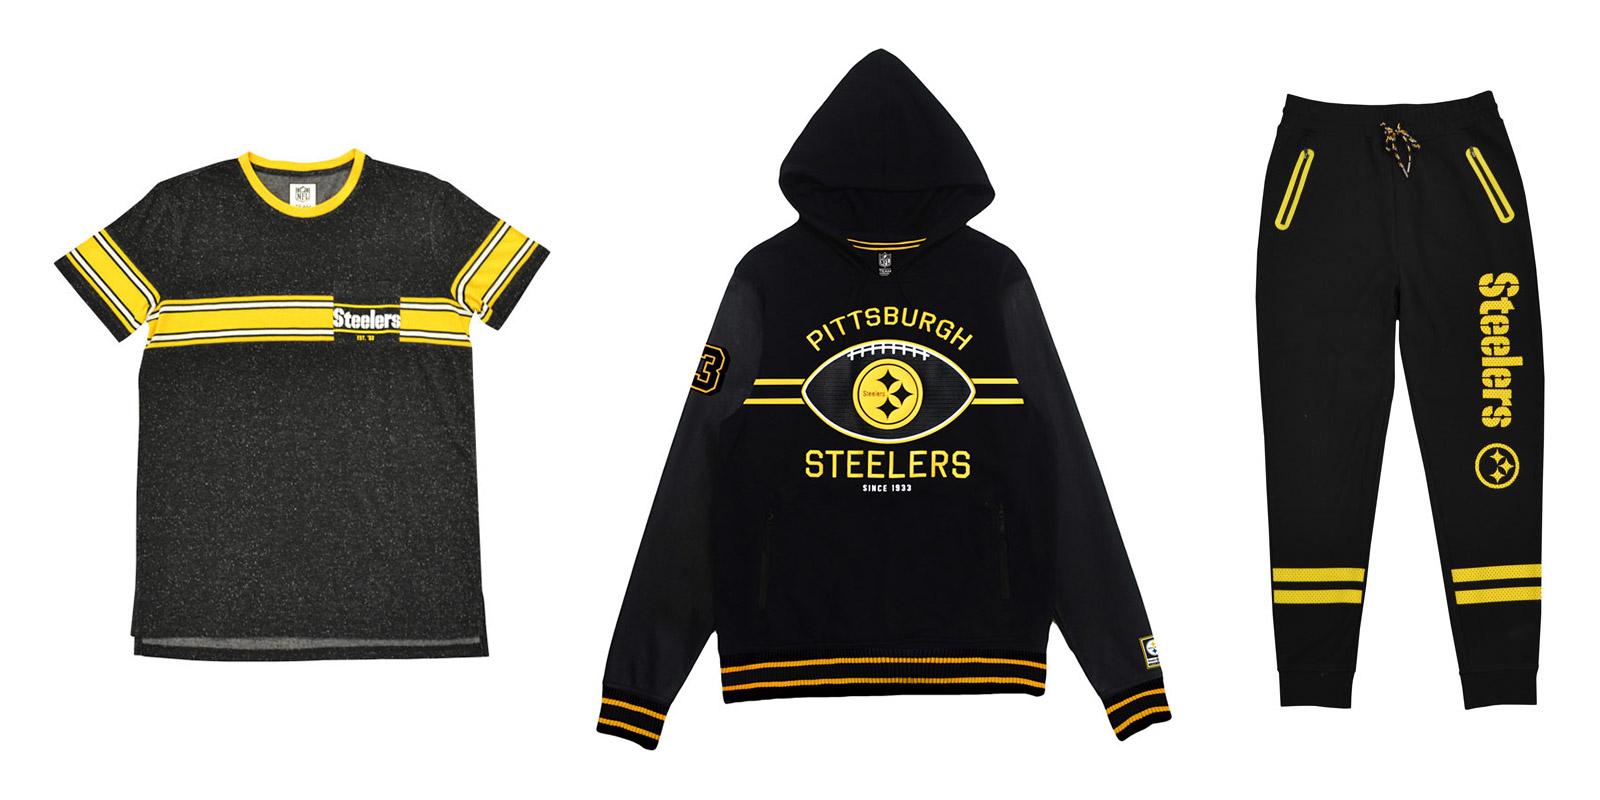 SteelersLineup.jpg